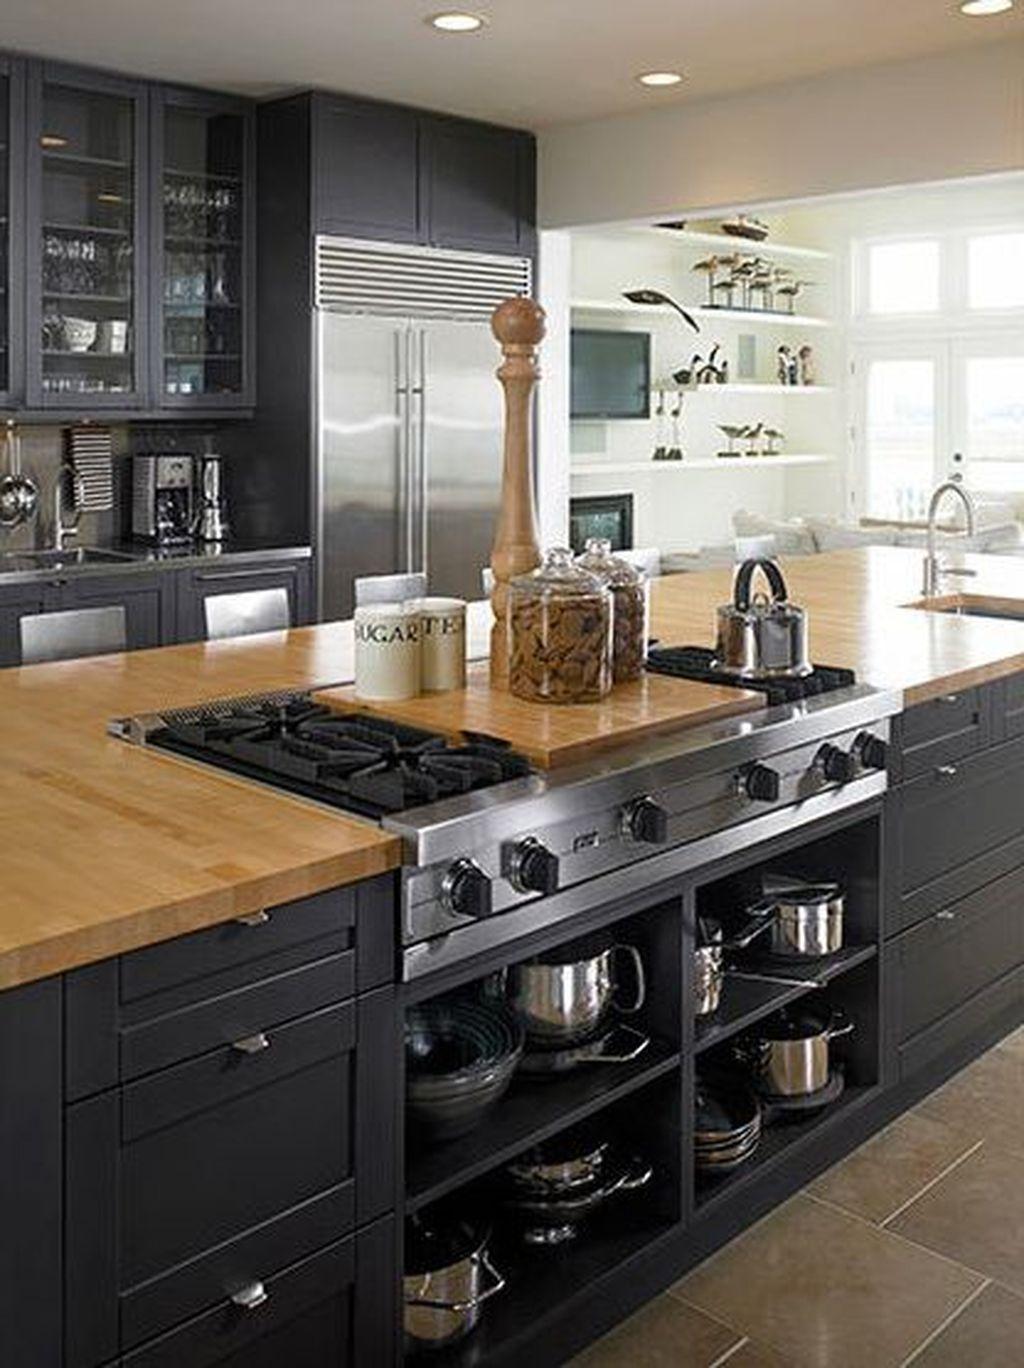 Küchenschrank ideen kleine küchen  popular kitchen color scheme ideas for dark cabinets  home deco